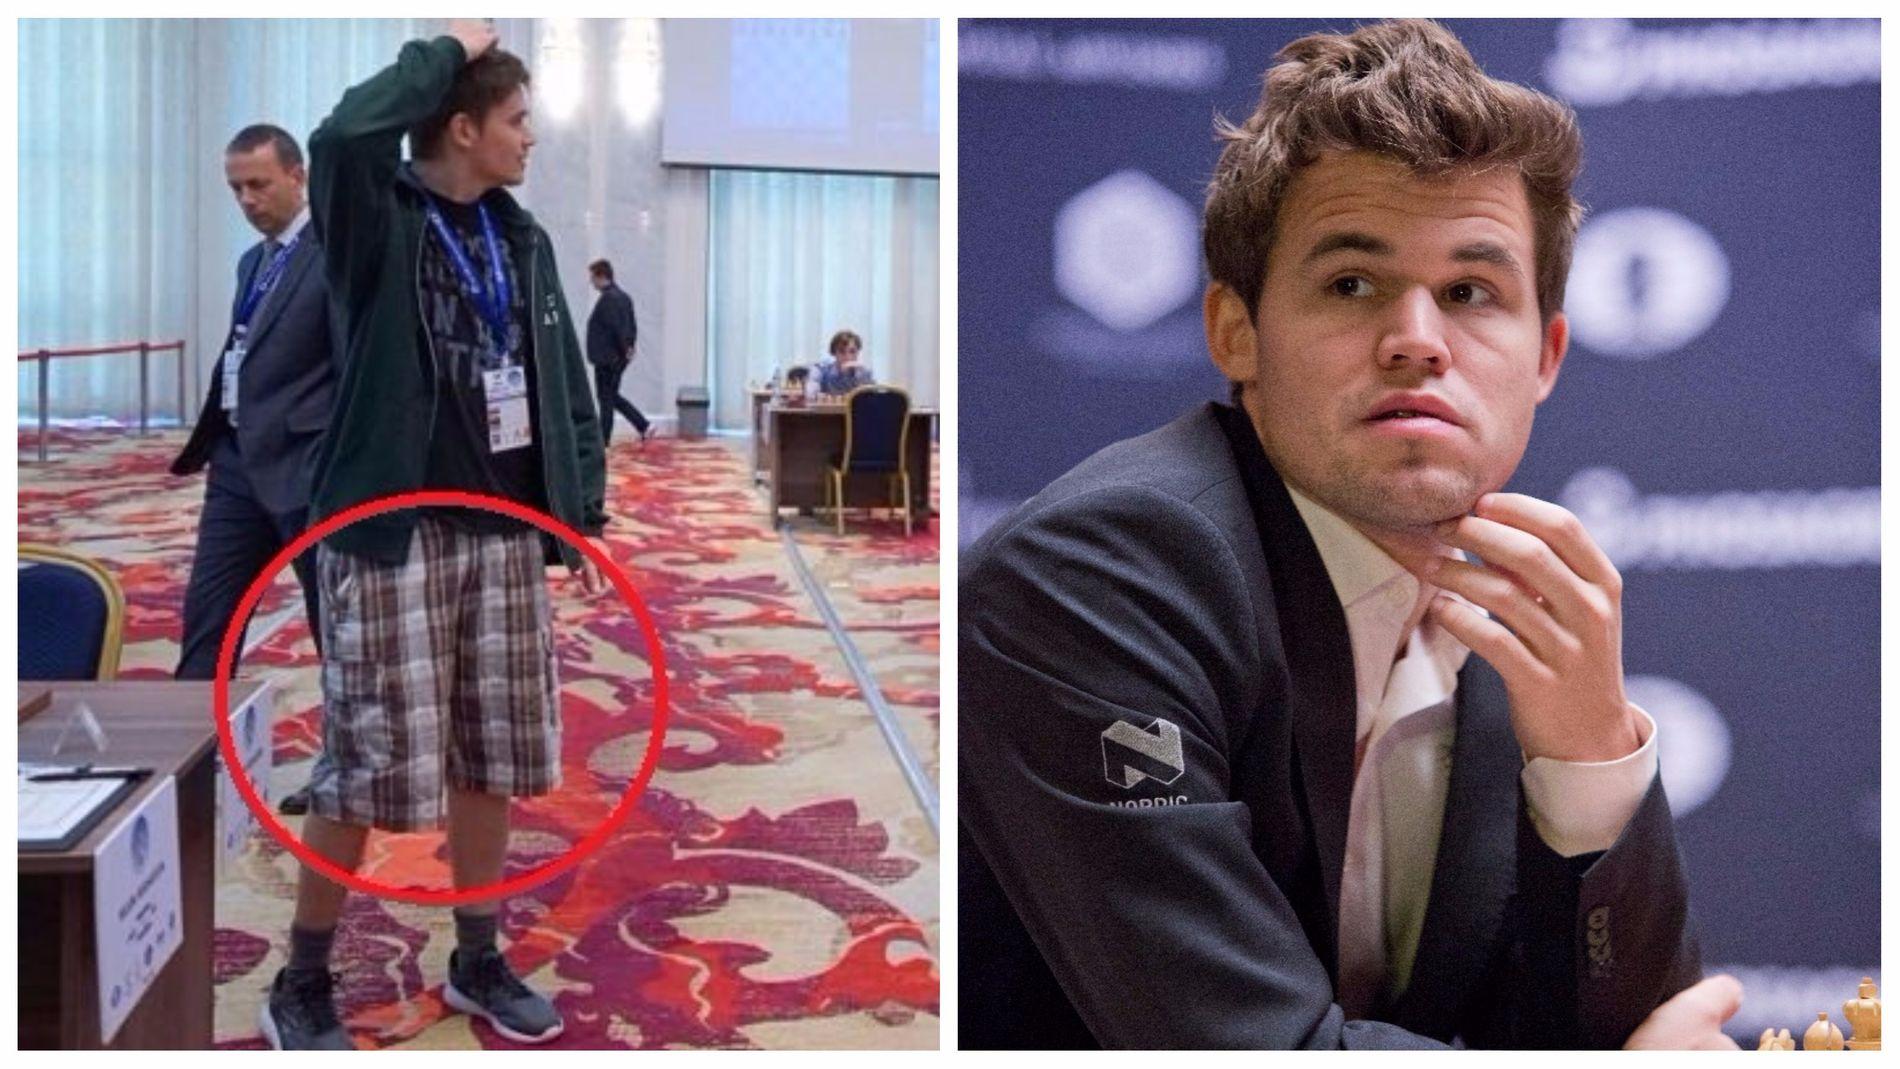 Denne shortsen til Anton Kovaljov kunne ikke arrangøren leve med. Magnus Carlsen er som regel ulastelig antrukket når han spiller sjakk, som her under VM-kampen mot Sergej Karjakin i fjor.